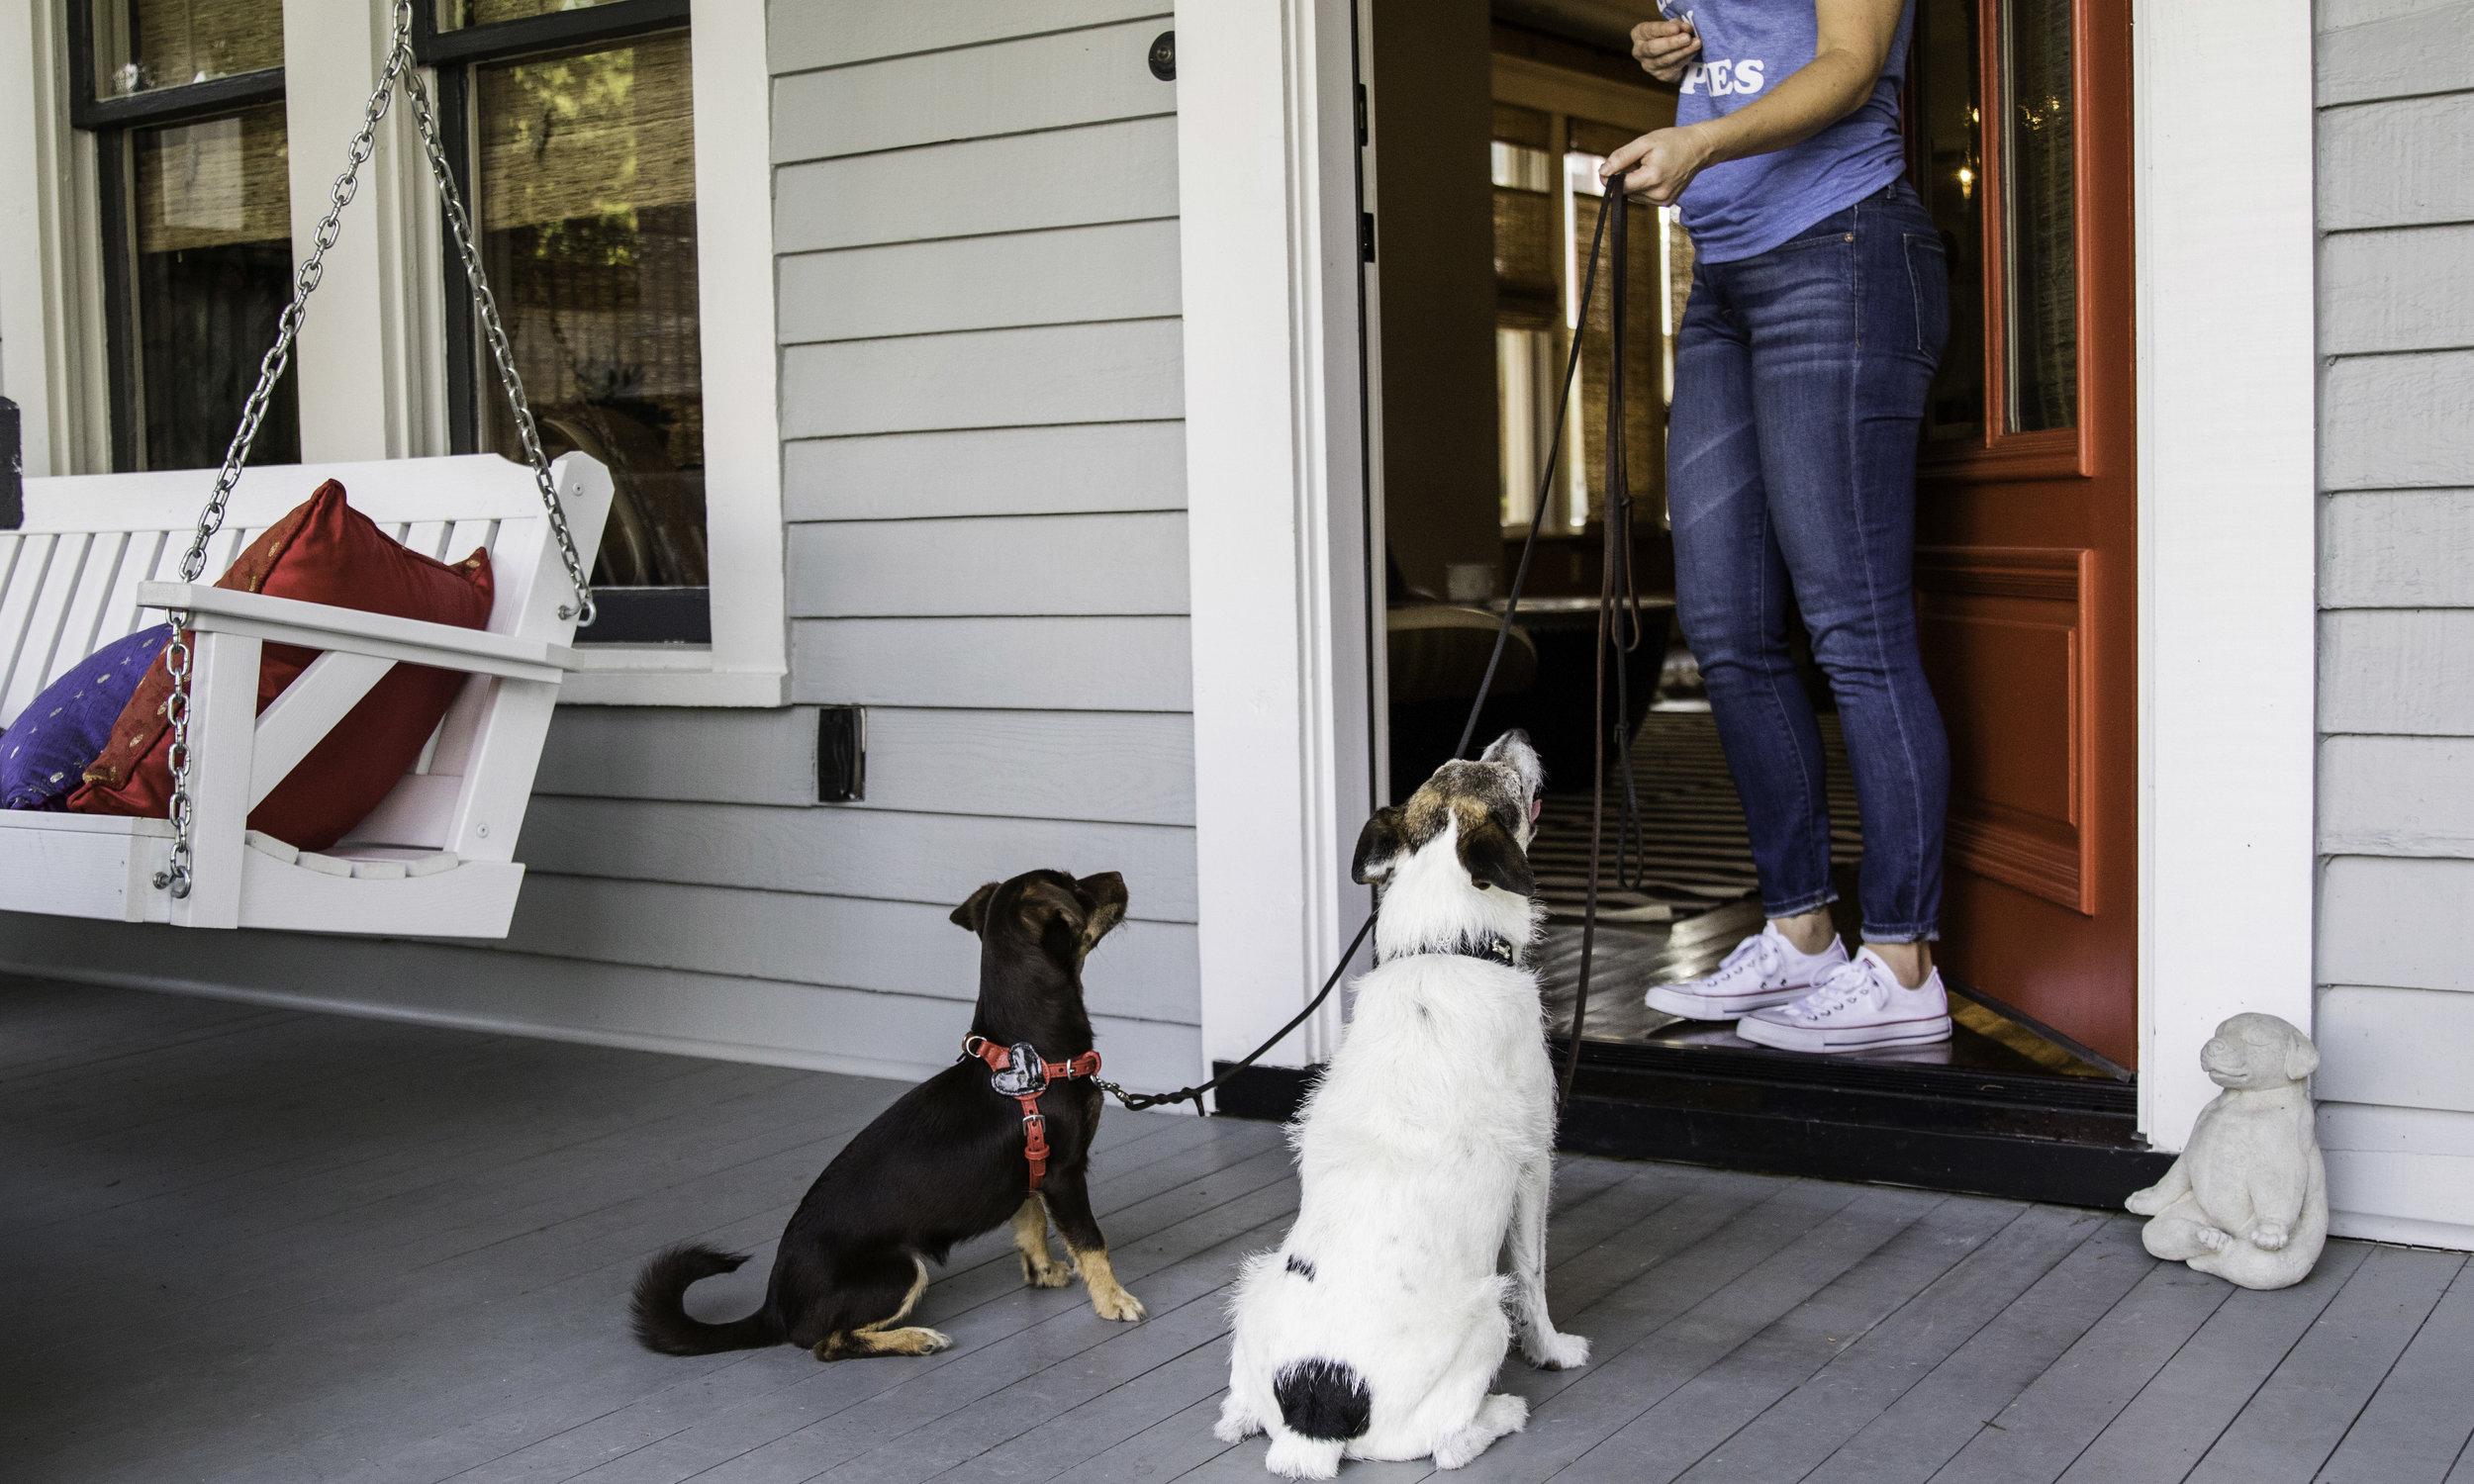 Stephanie Bennett Dog Puppy Training | Behavior Modification Potty Training | Houston TX_FC_7577 resized.jpg